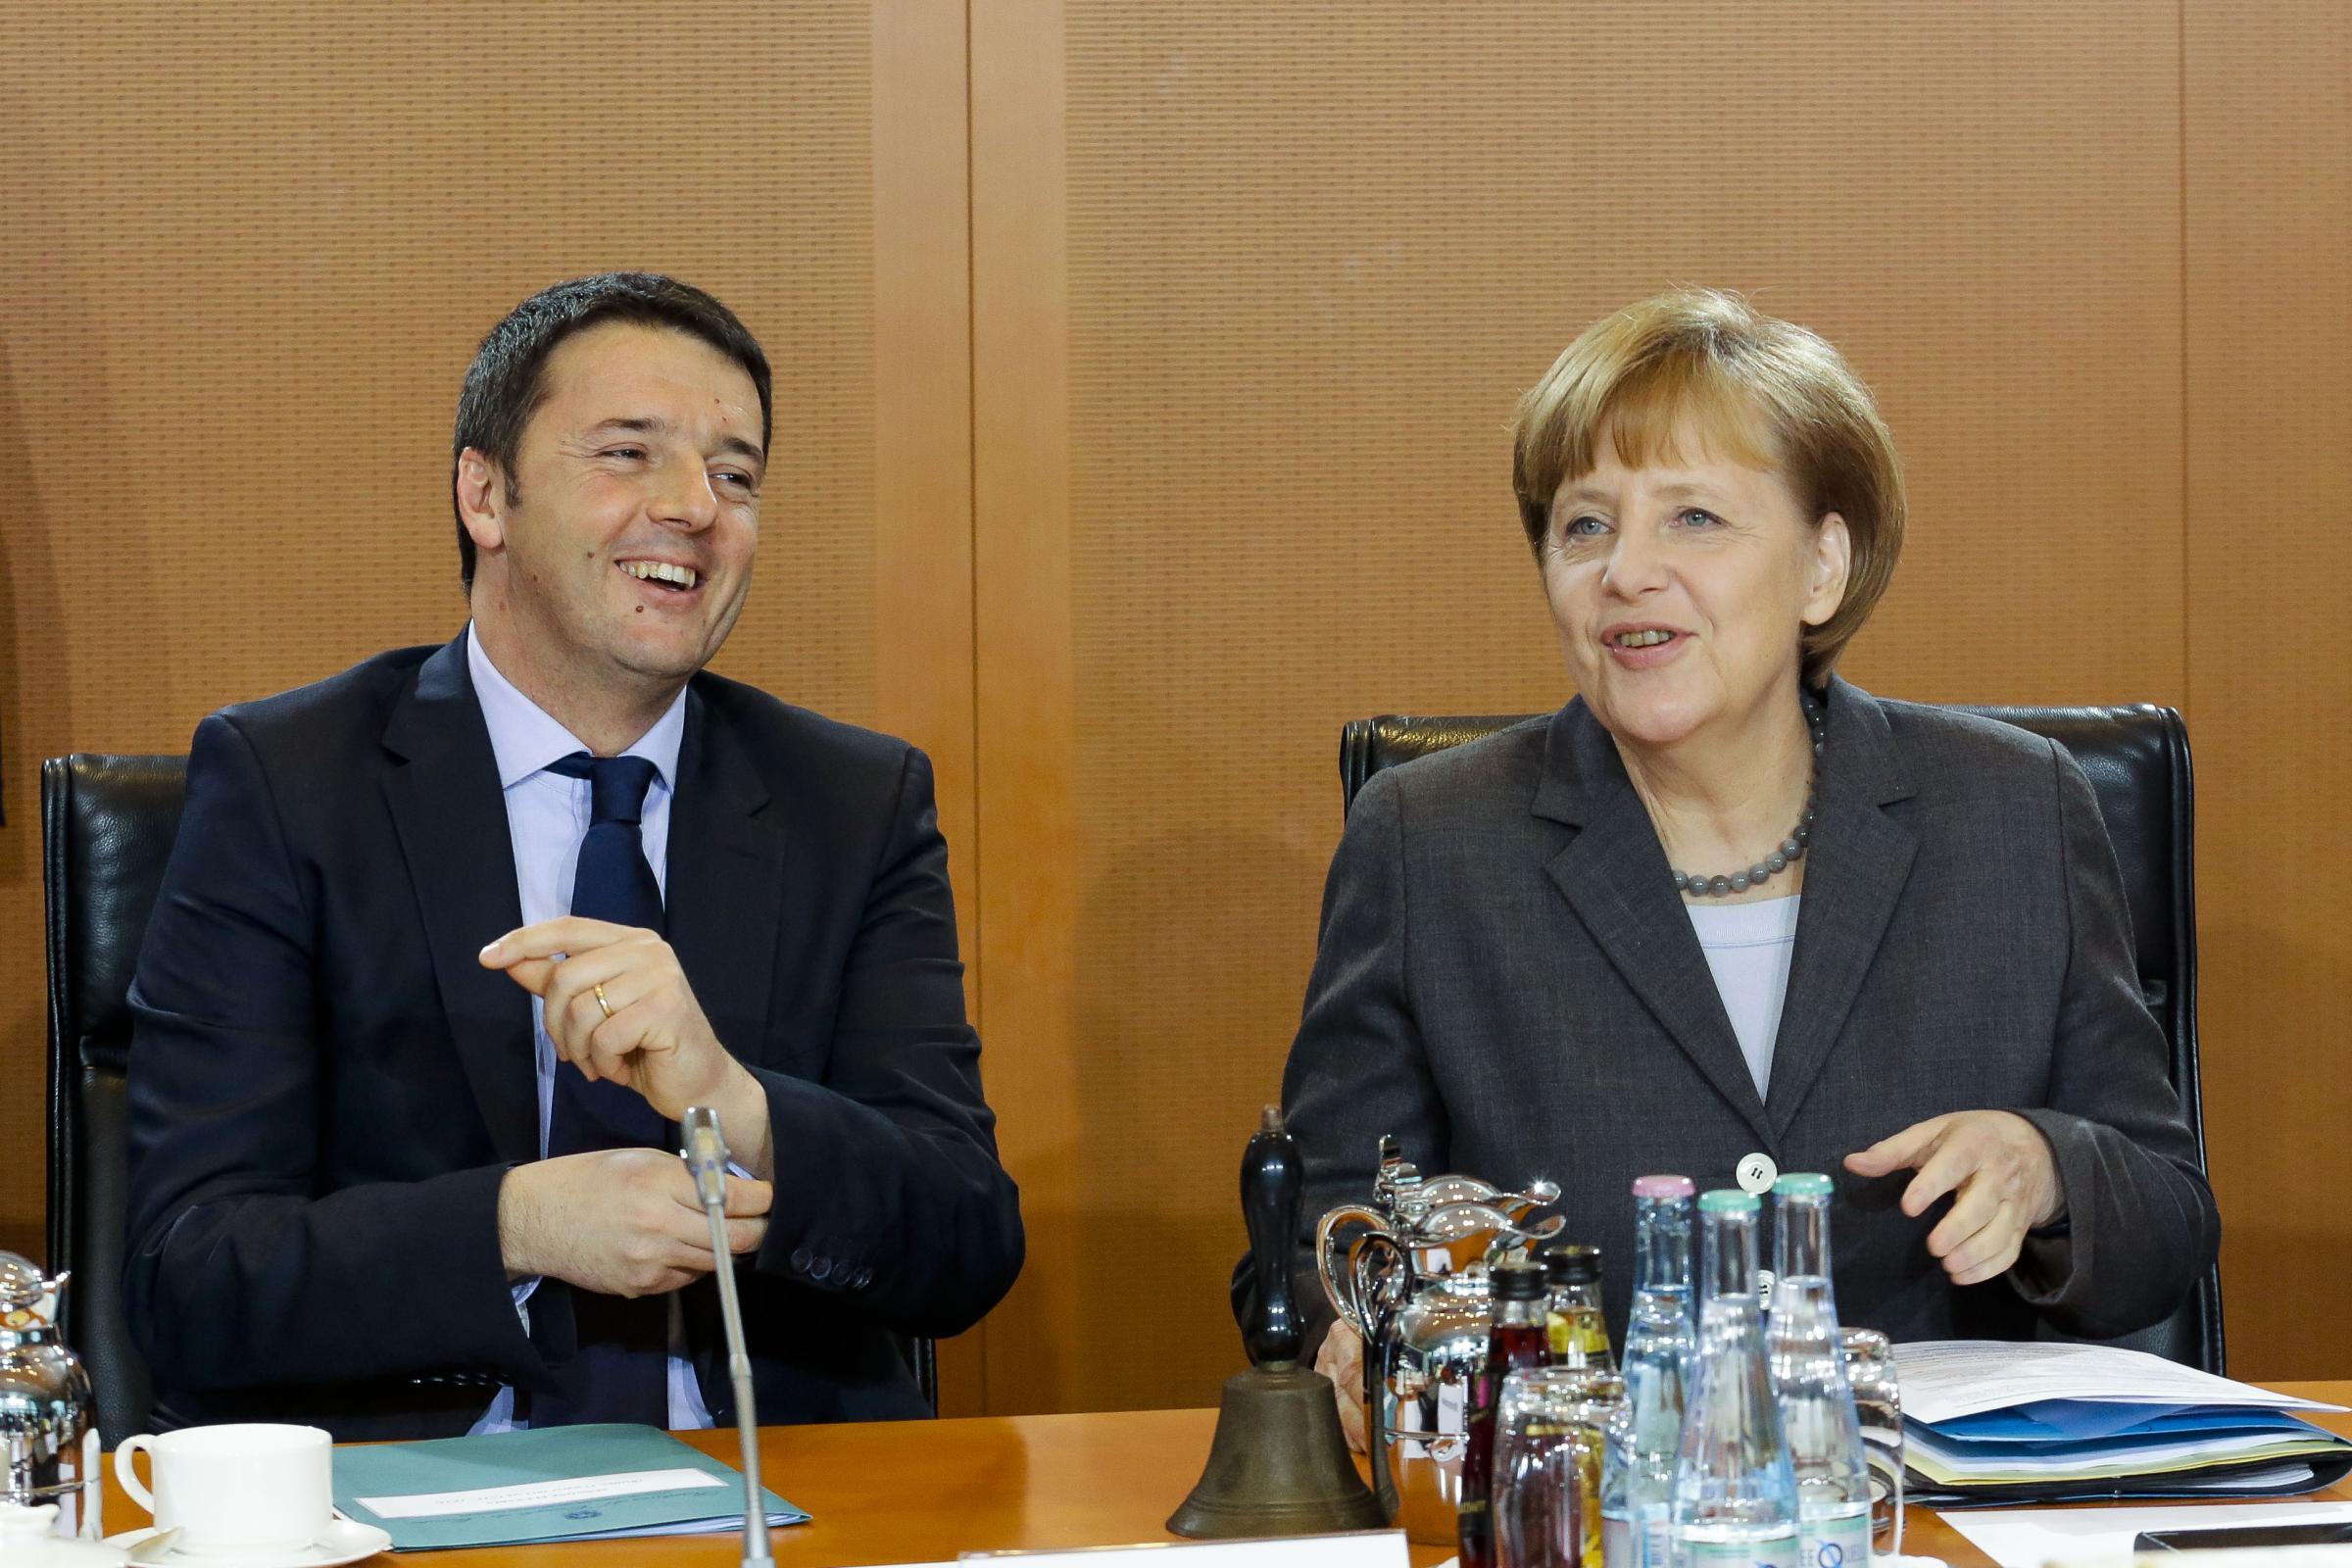 """Vertice Ue, incontro positivo tra Renzi e Merkel. Van Rompuy: """"Particolare attenzione alle riforme strutturali, rafforzano la crescita e la sostenibilità"""""""